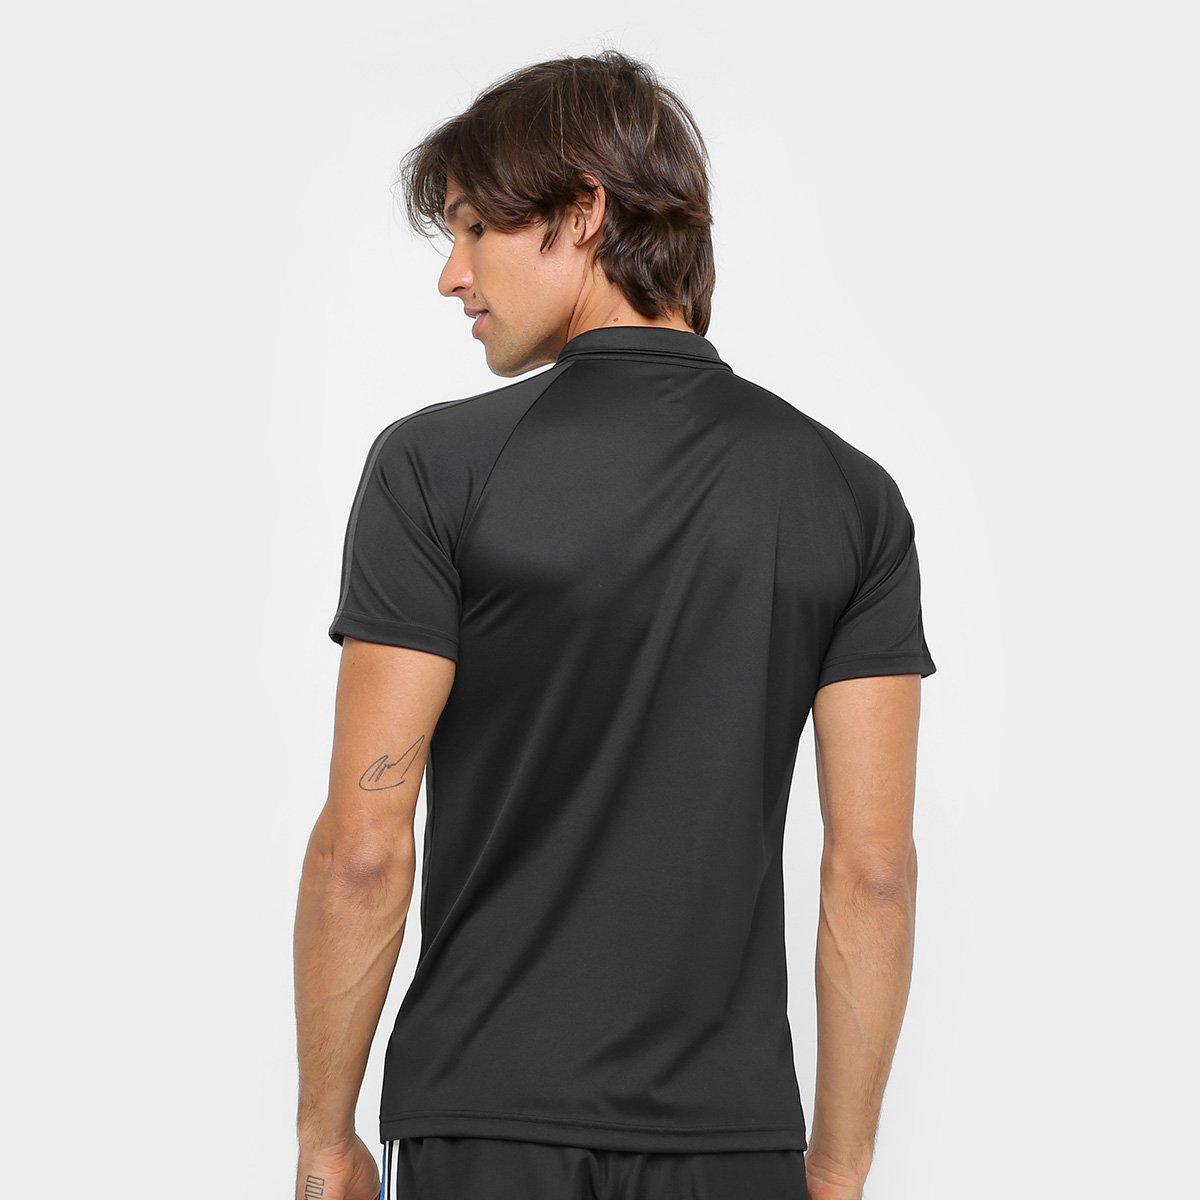 Camisa Polo Adidas Real Madrid Viagem - Compre Agora  b794d9c5b37ab